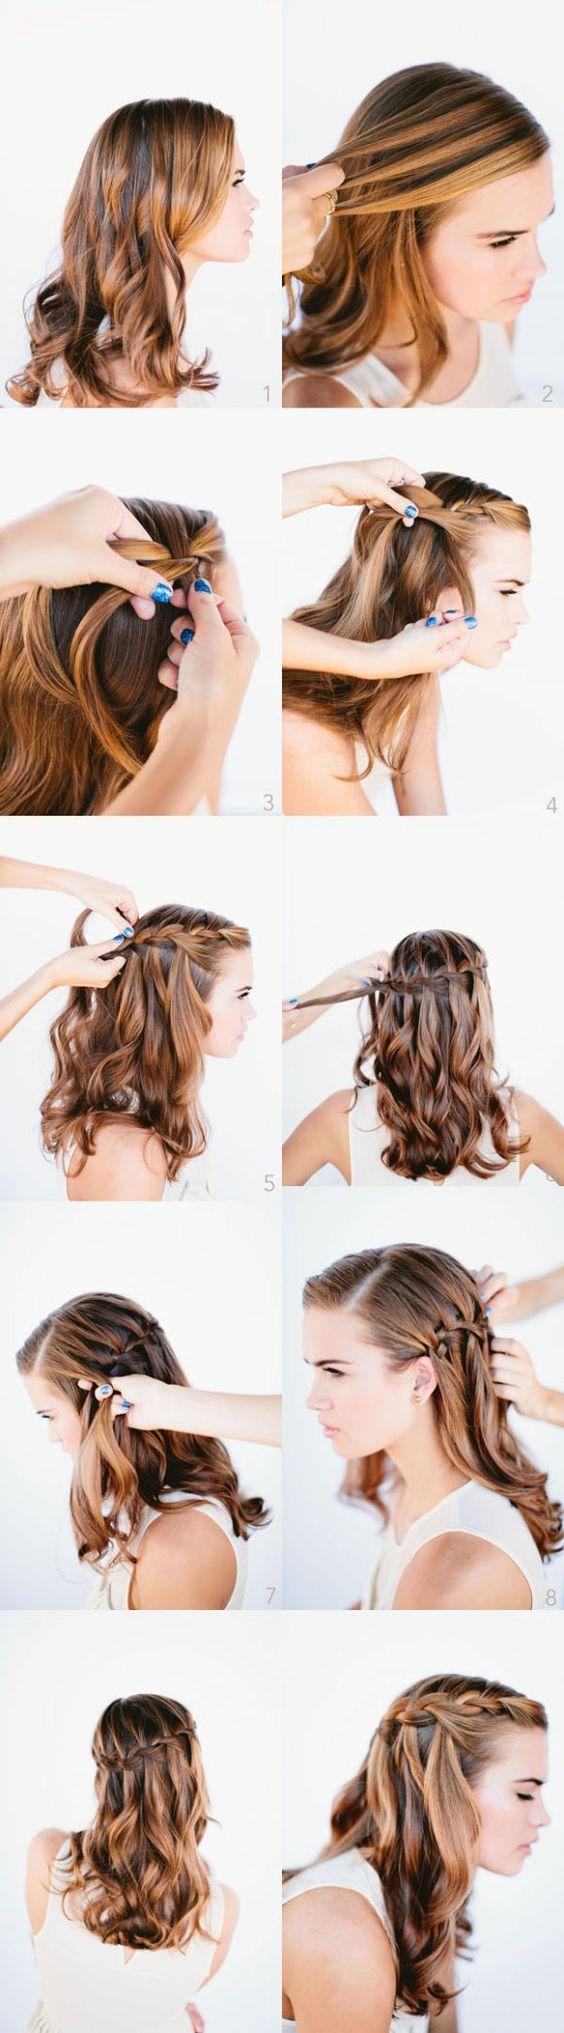 Einfache Anleitung für Wasserfall Braid Hochzeit Frisuren für langes Haar - MyFur die Ehe